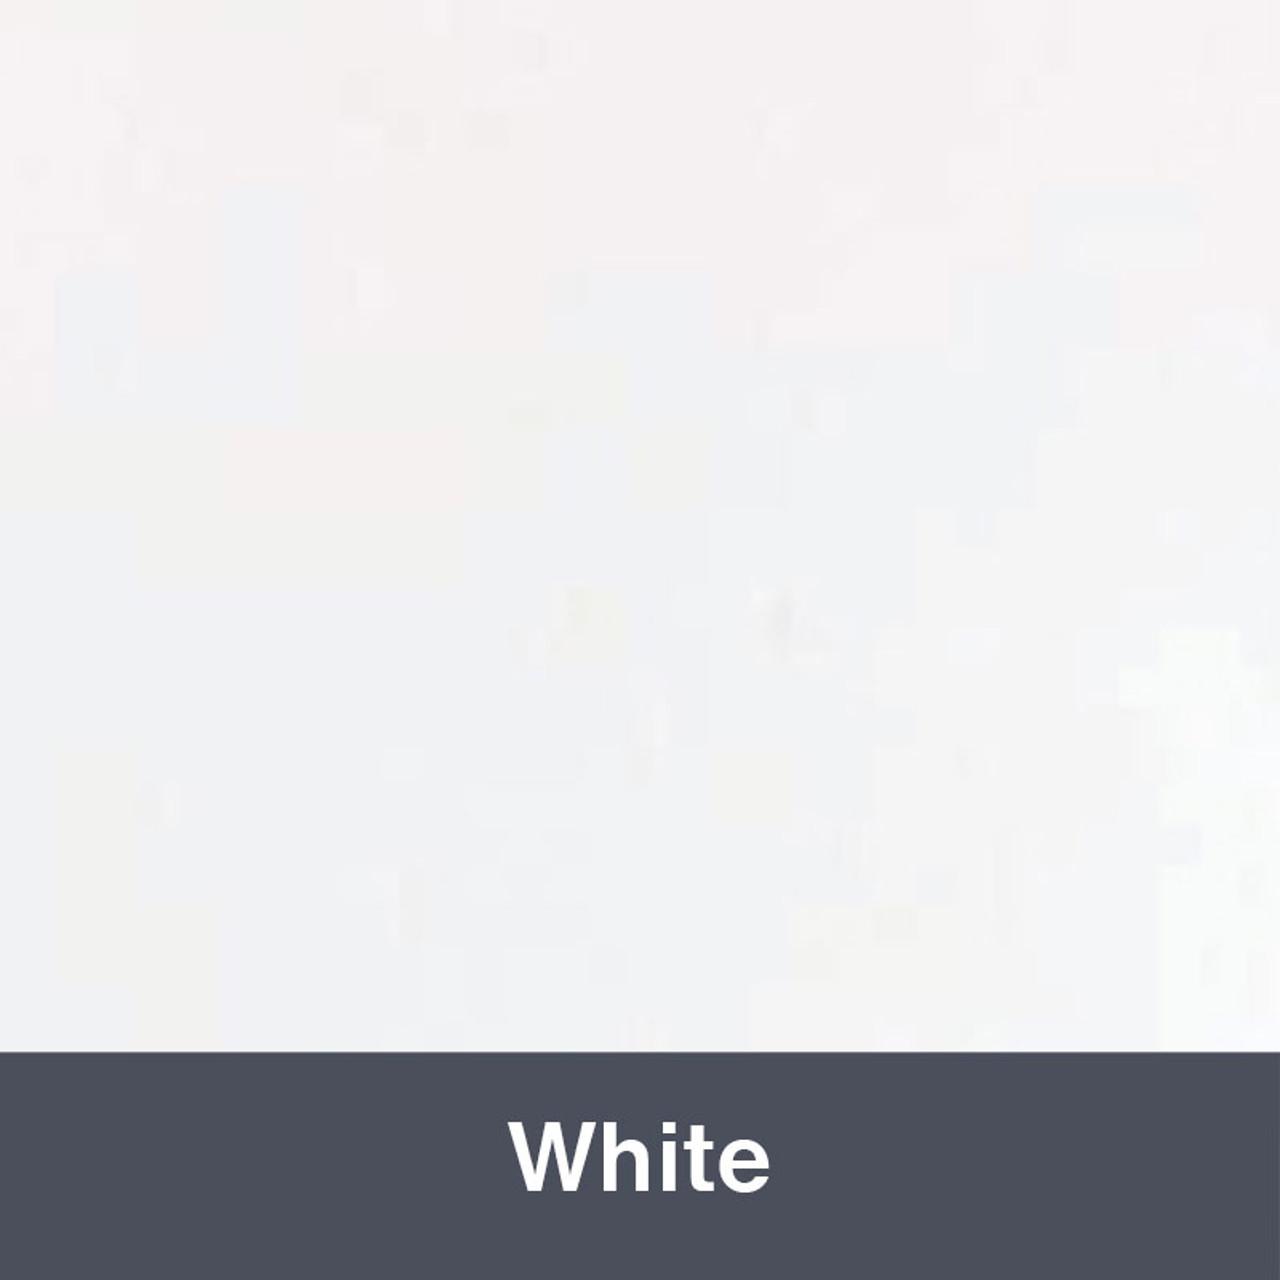 Iron-on Blockout White 4501s